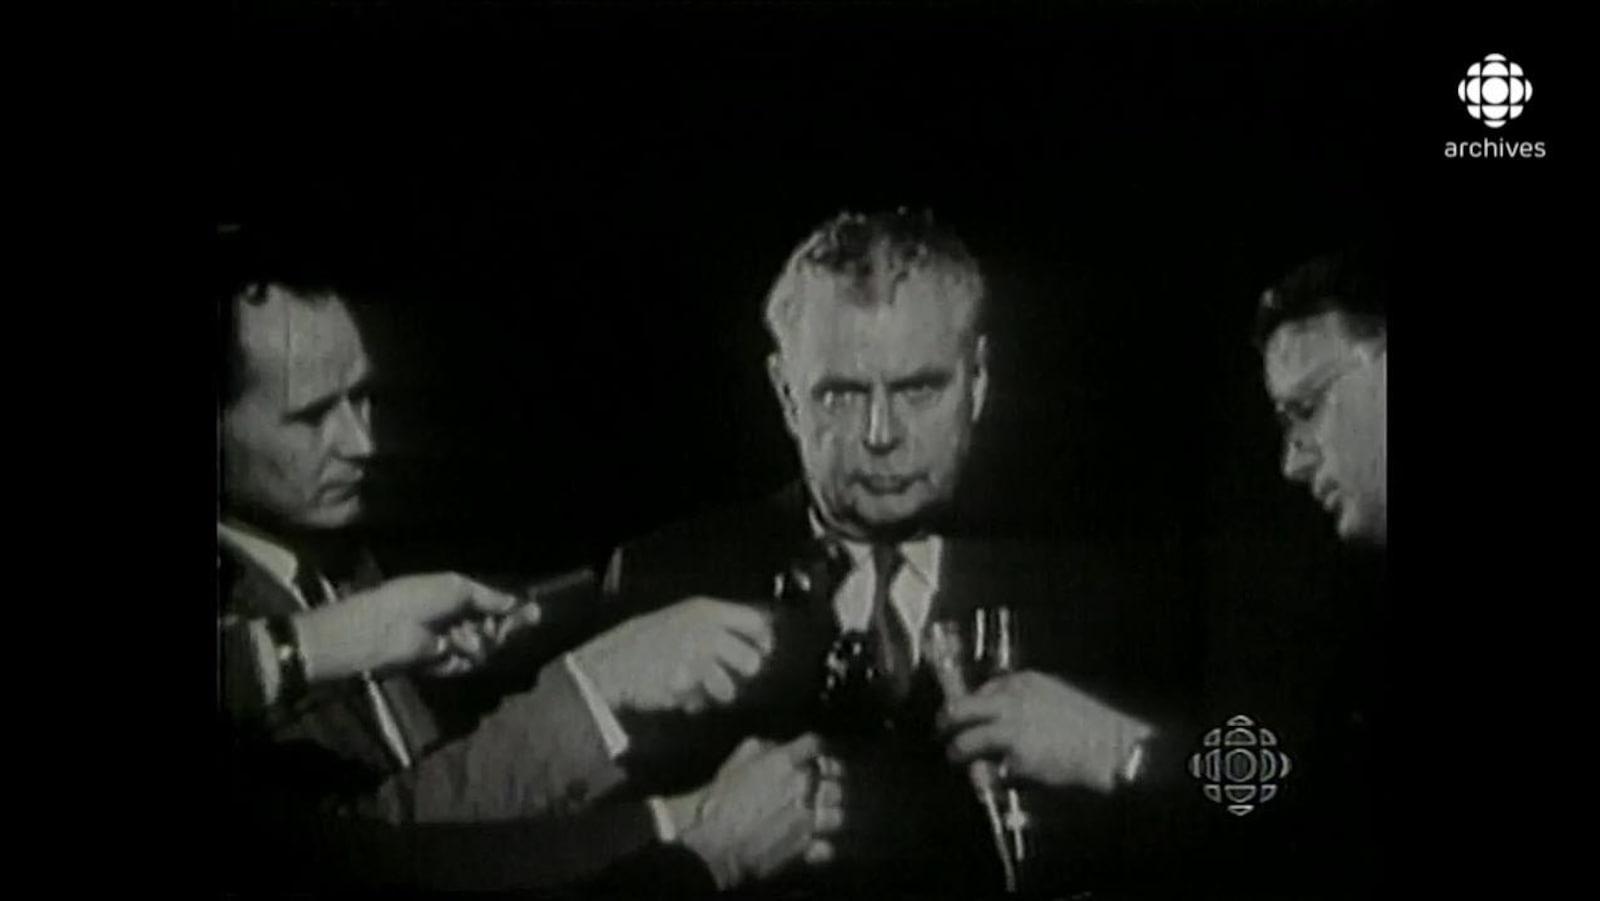 En noir et blanc, John Diefenbaker, entouré de micros et de journalistes, regardant sévèrement la caméra